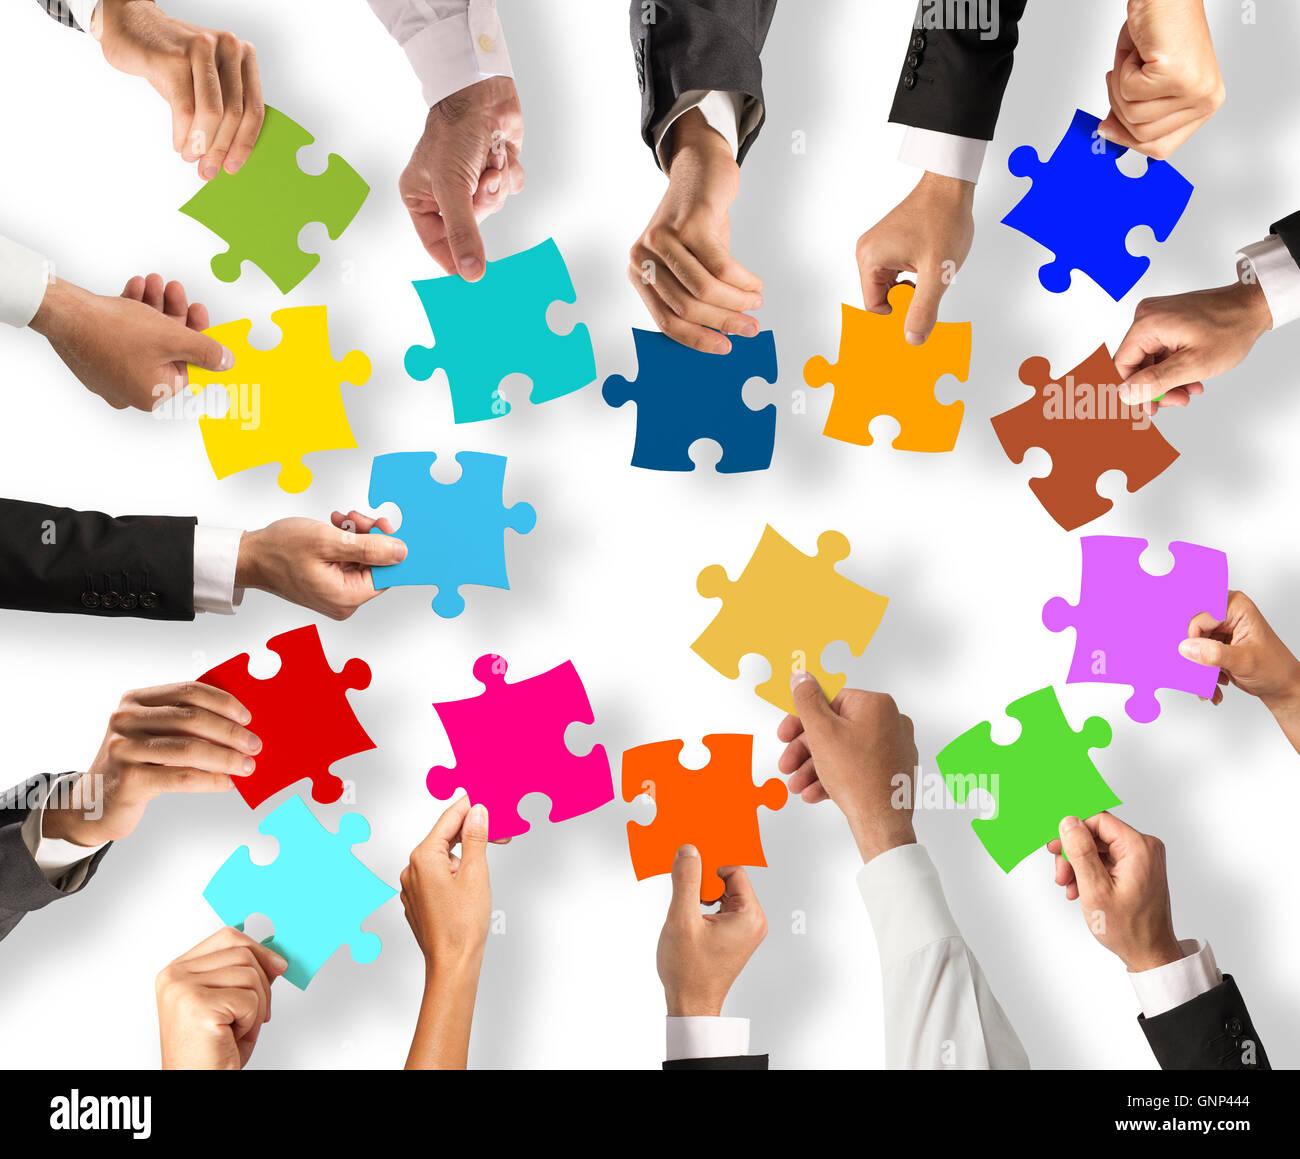 Teamarbeit und Integration Konzept mit Puzzle-Teile Stockbild